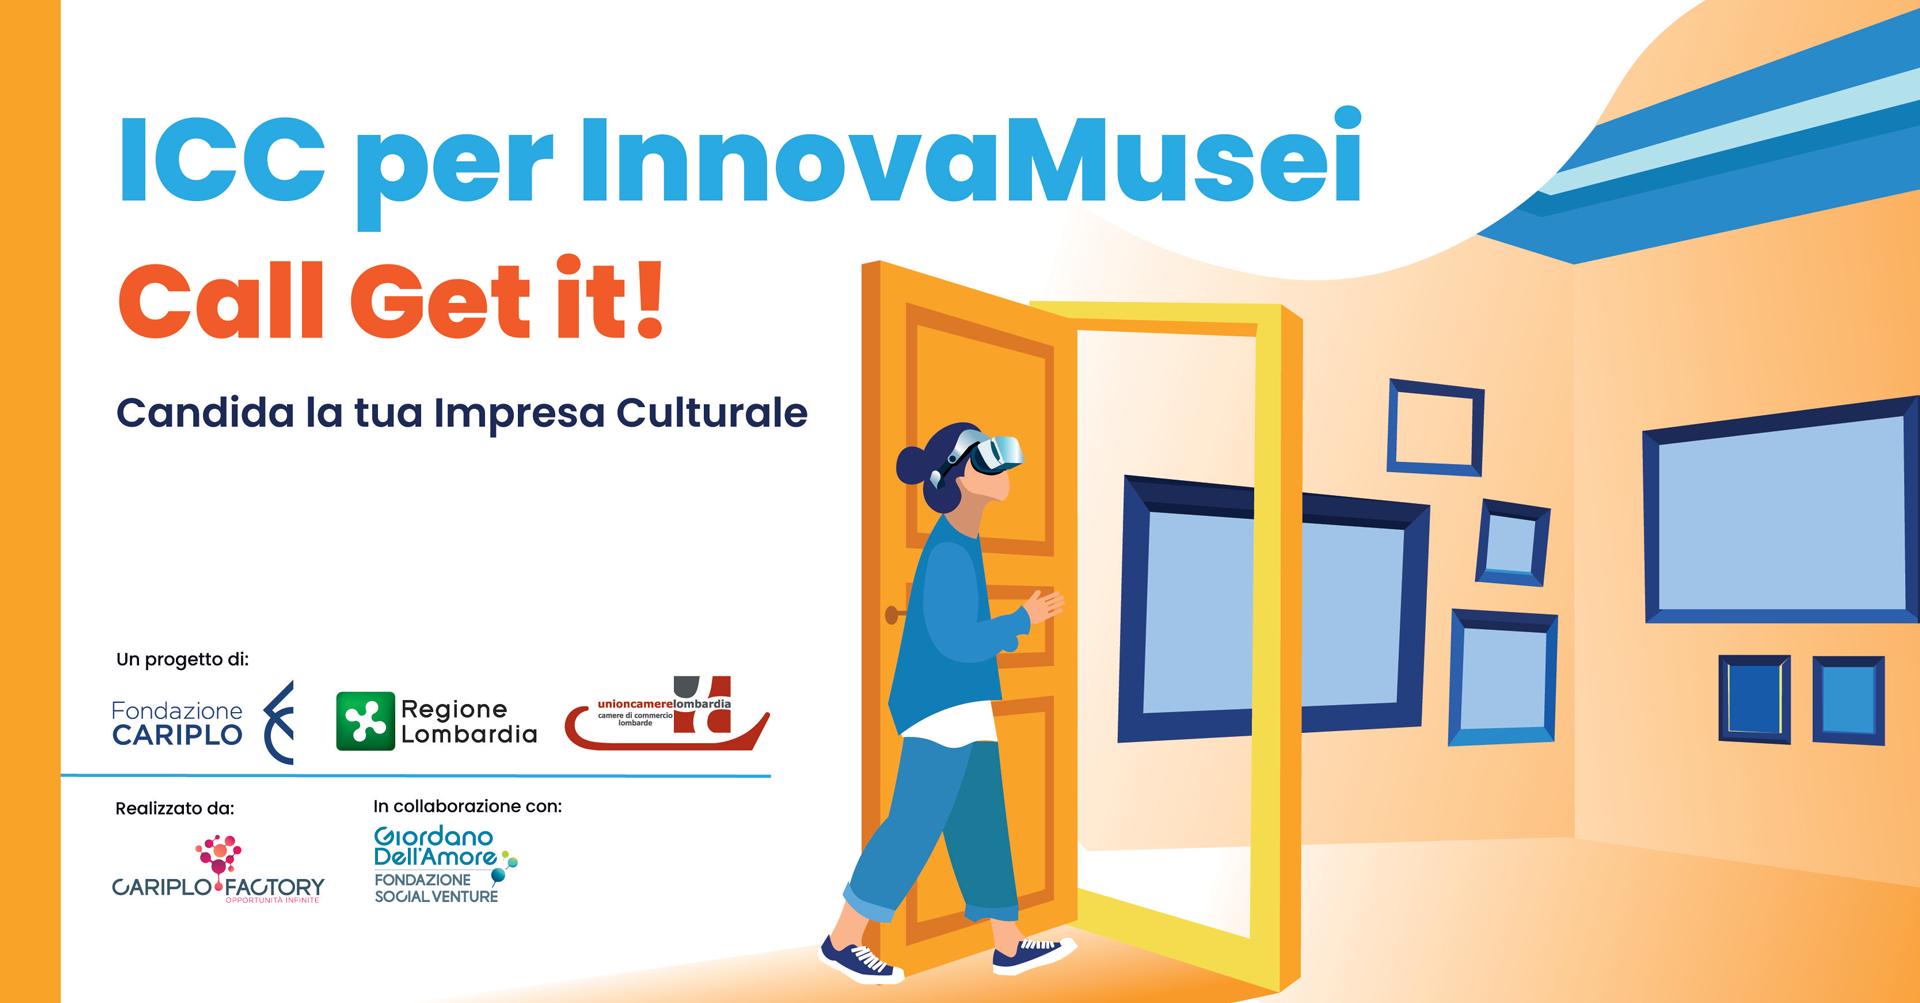 Al via ICC per InnovaMusei, la nuova call di Get it!